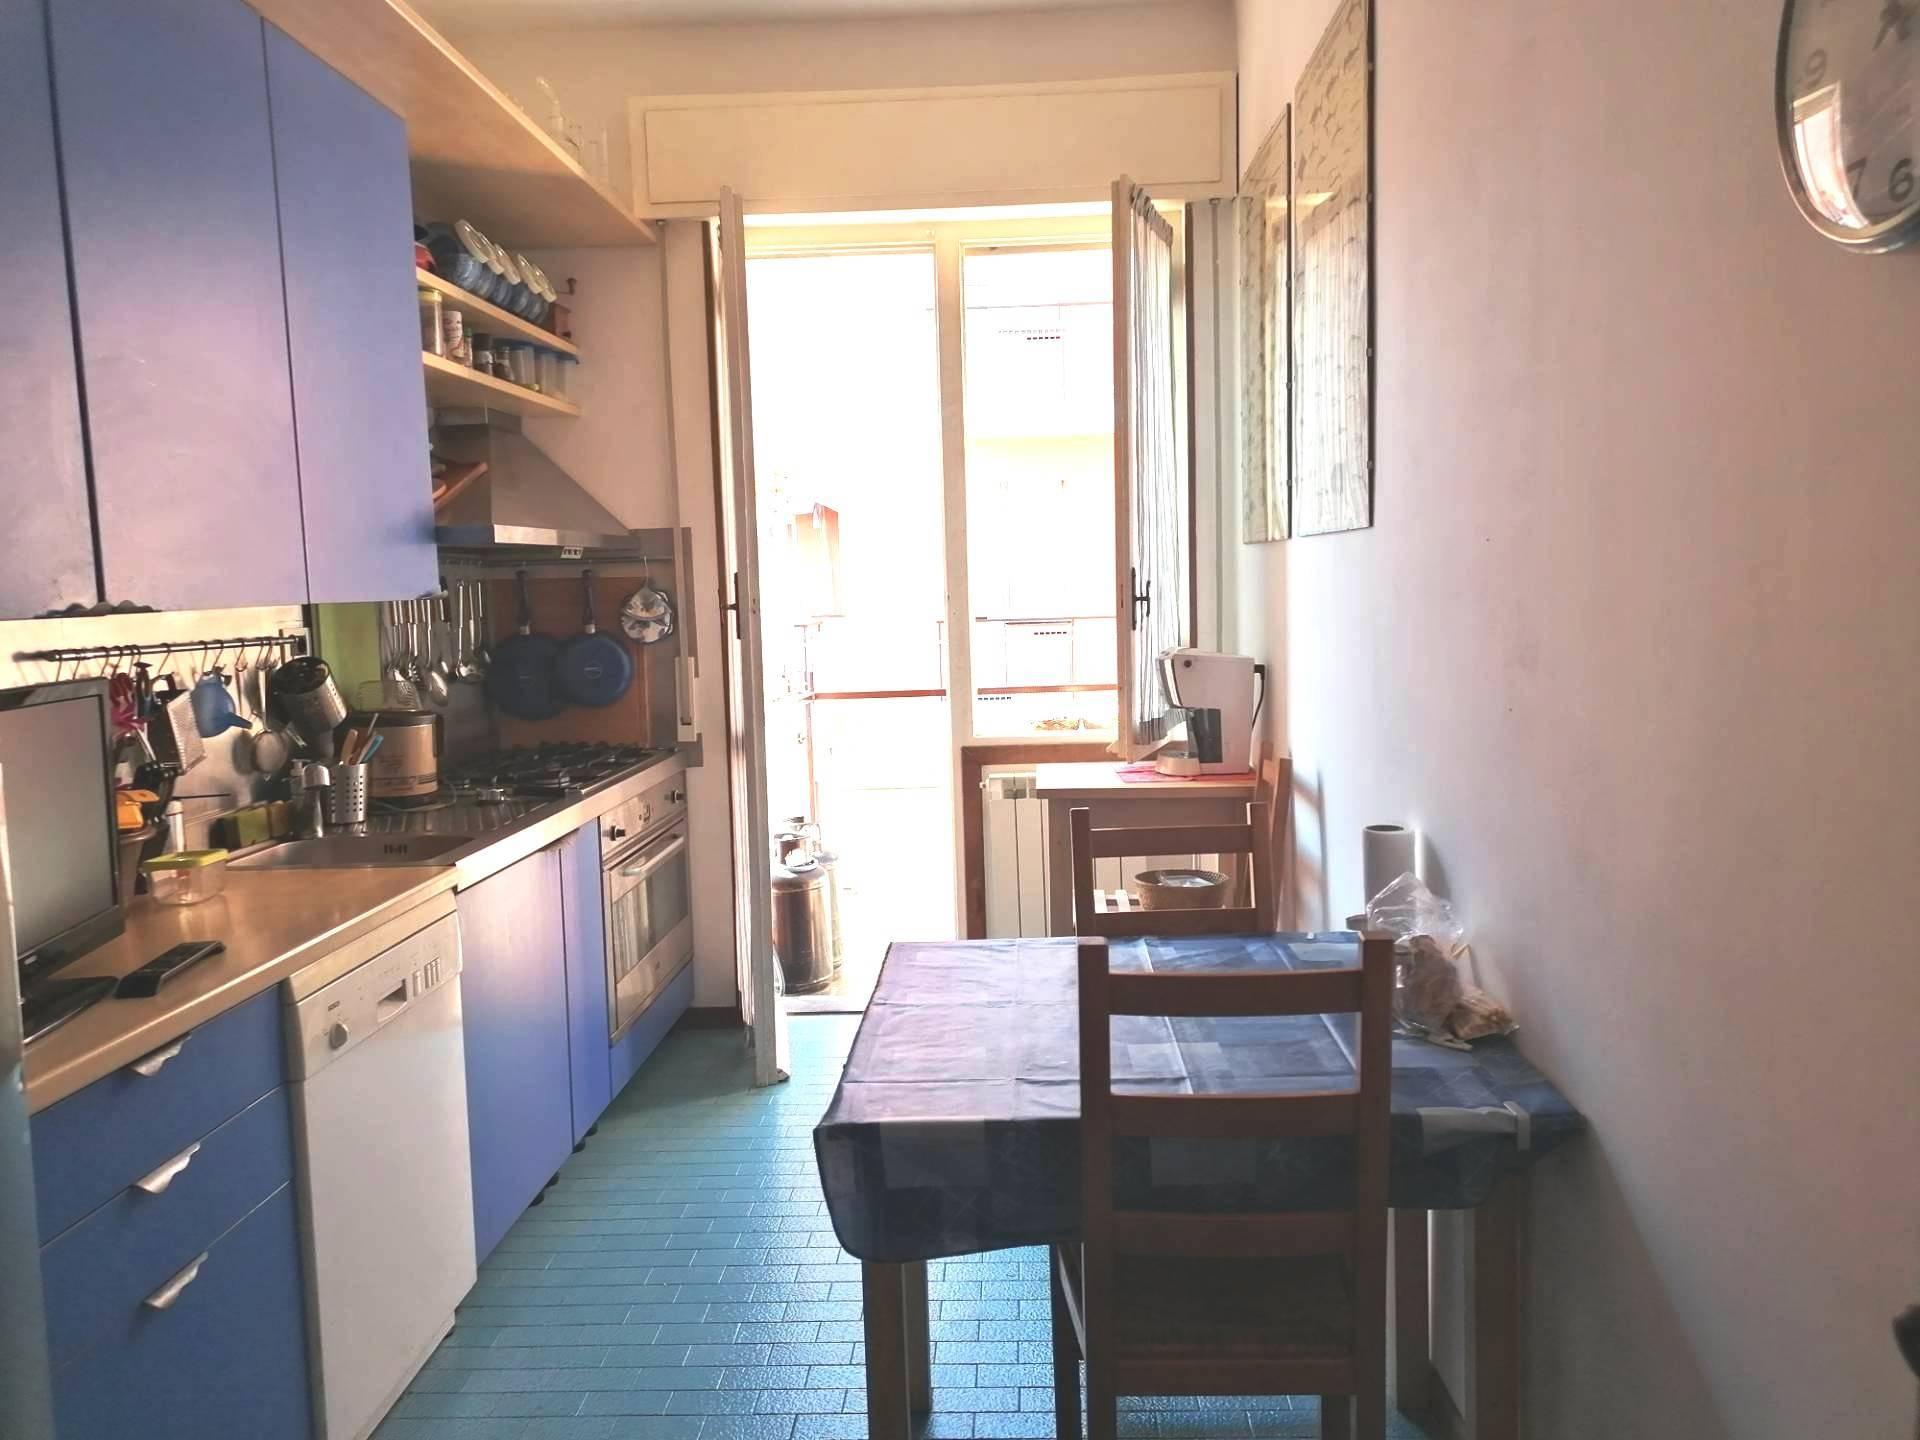 Appartamento in vendita a Arenzano, 2 locali, prezzo € 138.000 | CambioCasa.it